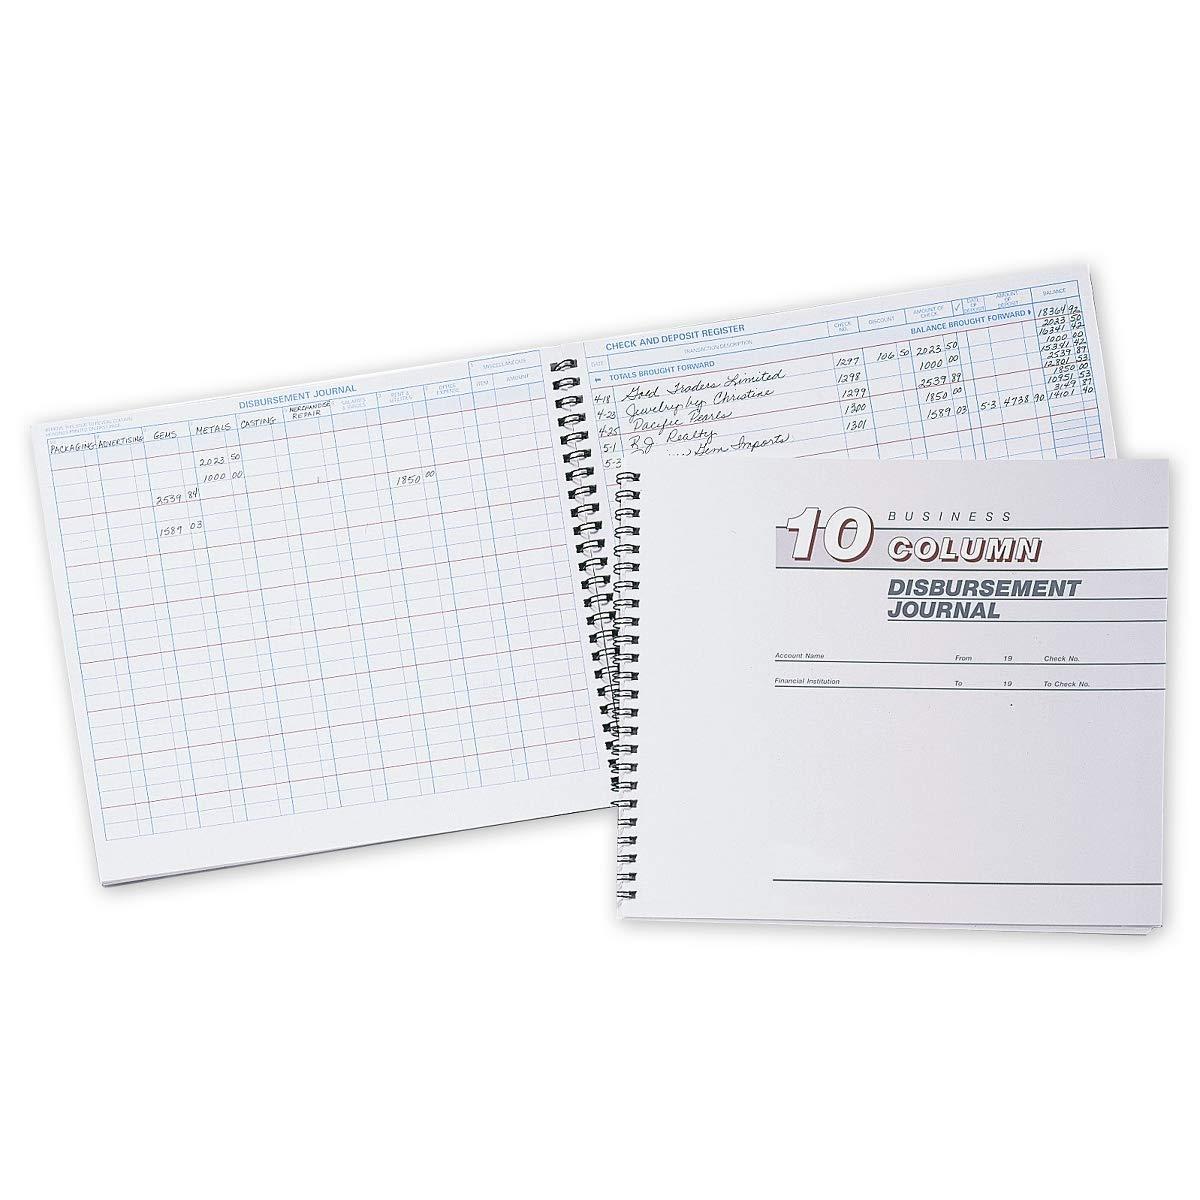 CheckSimple Cash Receipts Journal - 10 Column Disbursement Journal (3 Books) by CheckSimple